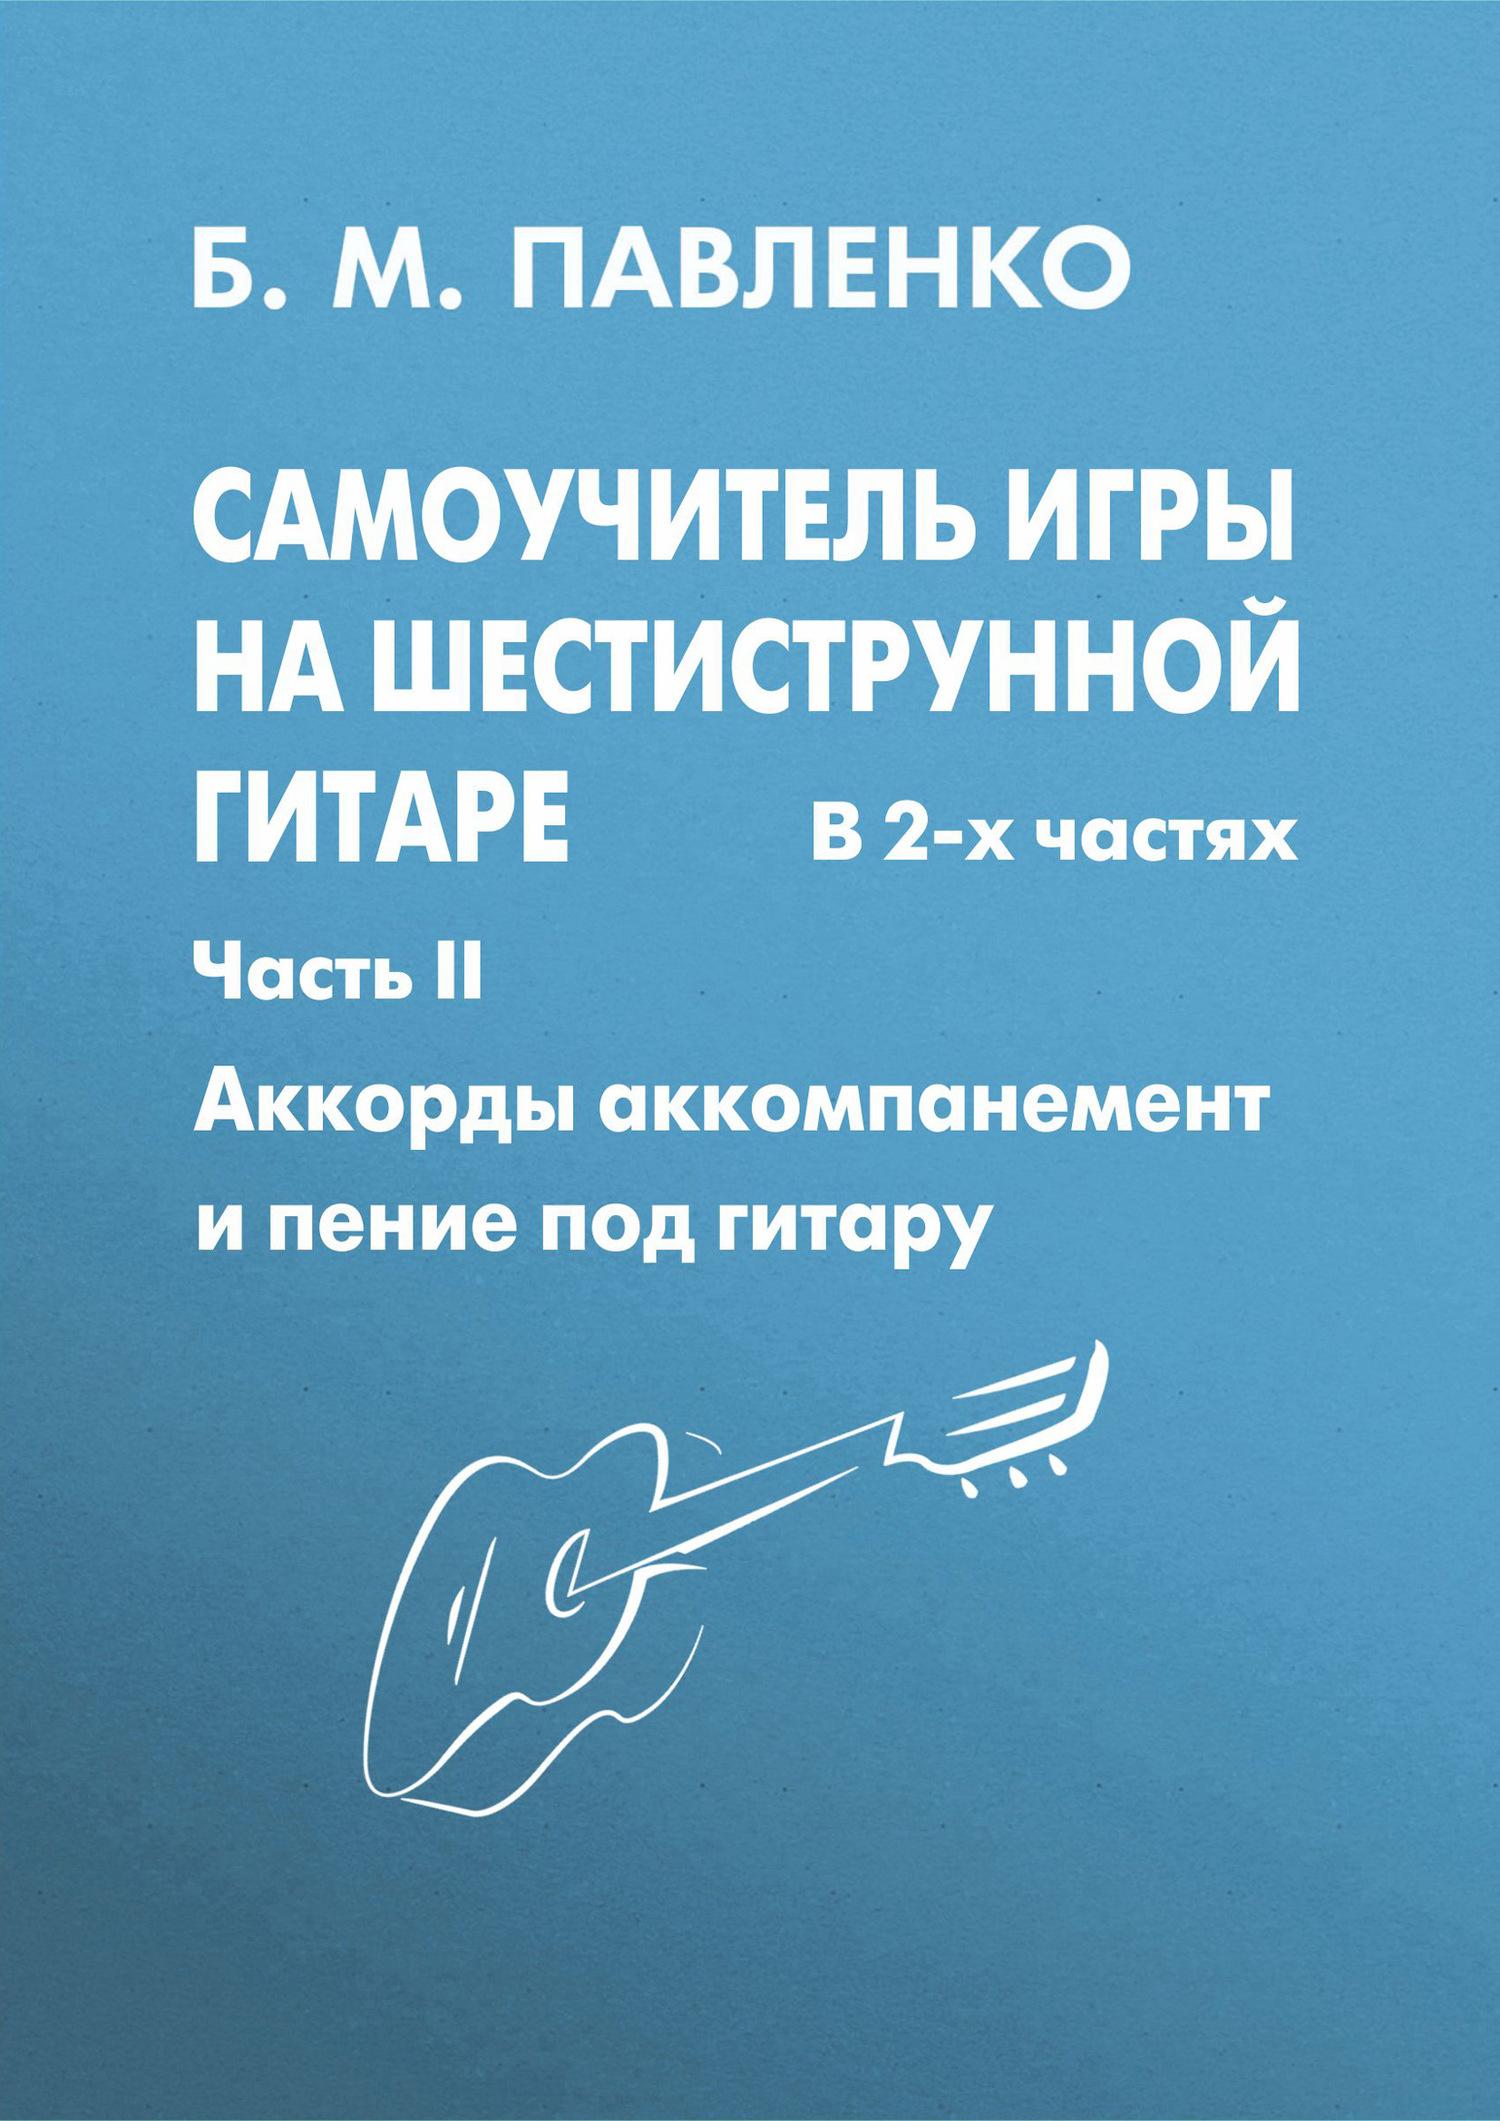 Б. М. Павленко Самоучитель игры на шестиструнной гитаре в 2-х частях. Аккорды, аккомпанемент и пение под гитару. Часть II акустическая гитара виды аккомпанемента и обыгрывание аккордов